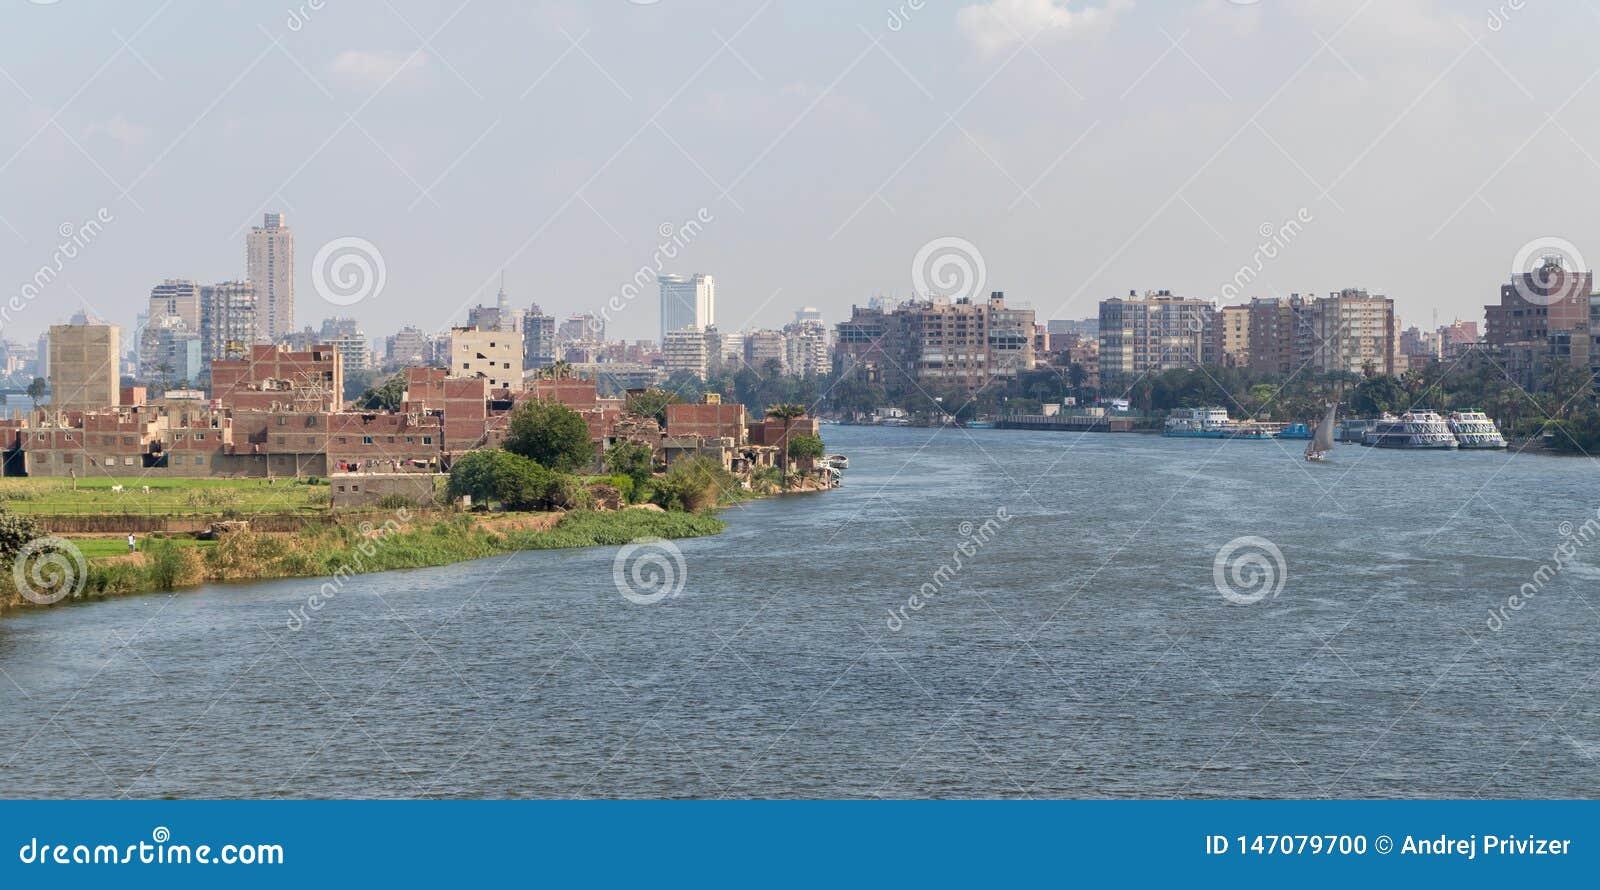 El río Nilo en el corazón de la ciudad de El Cairo